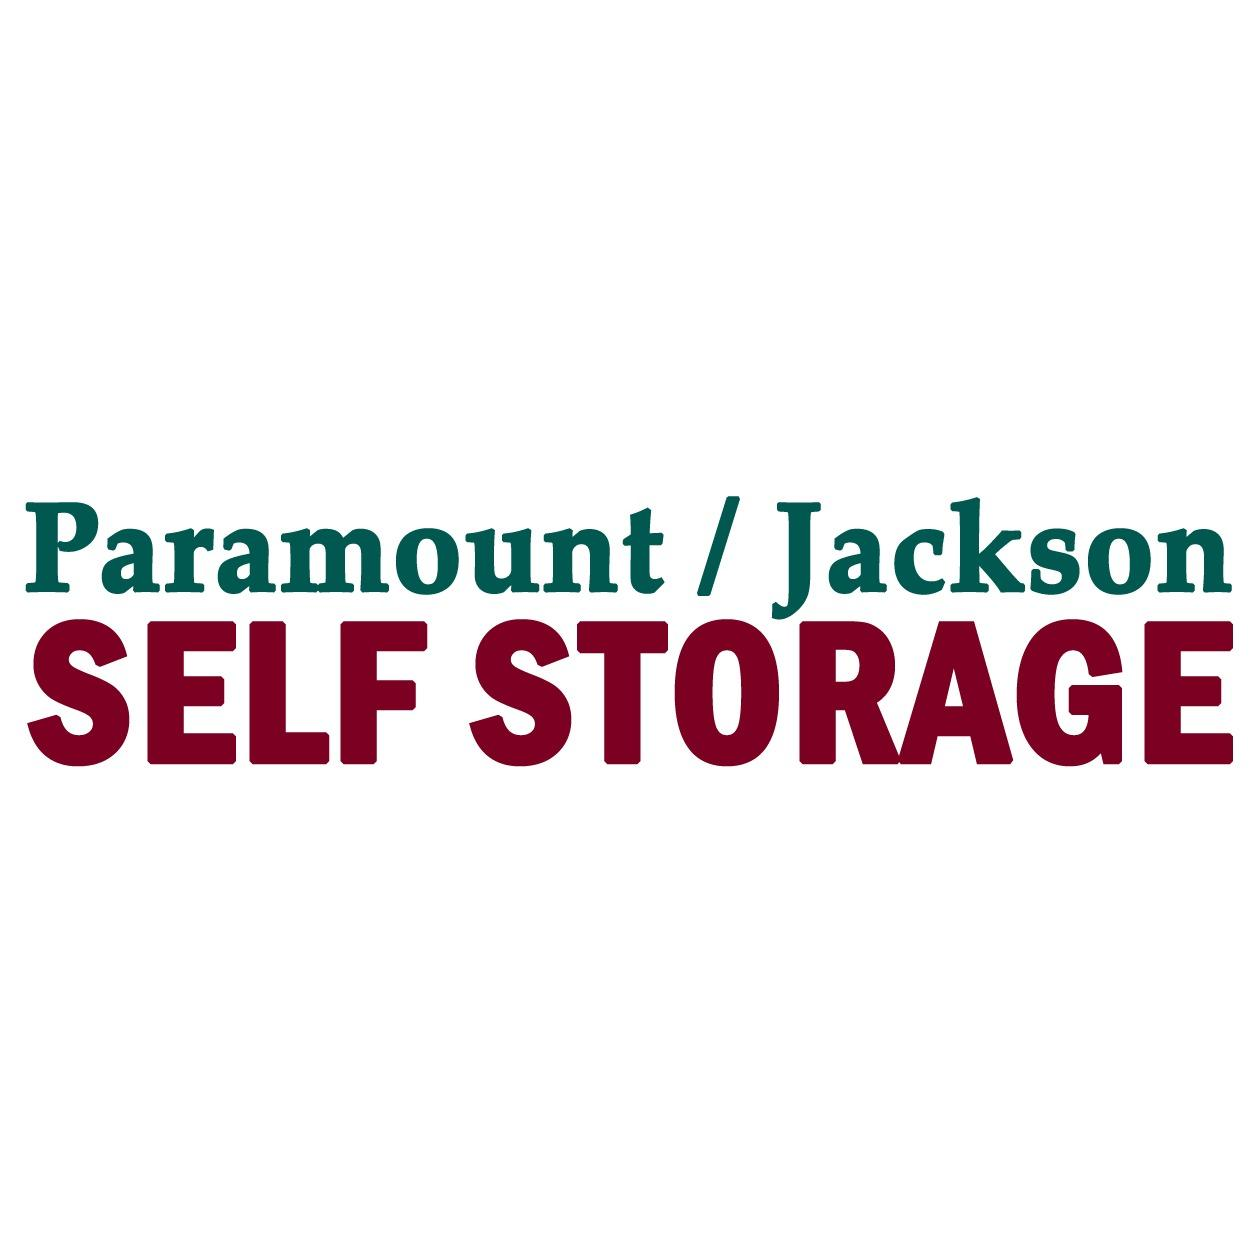 Paramount/Jackson Self Storage